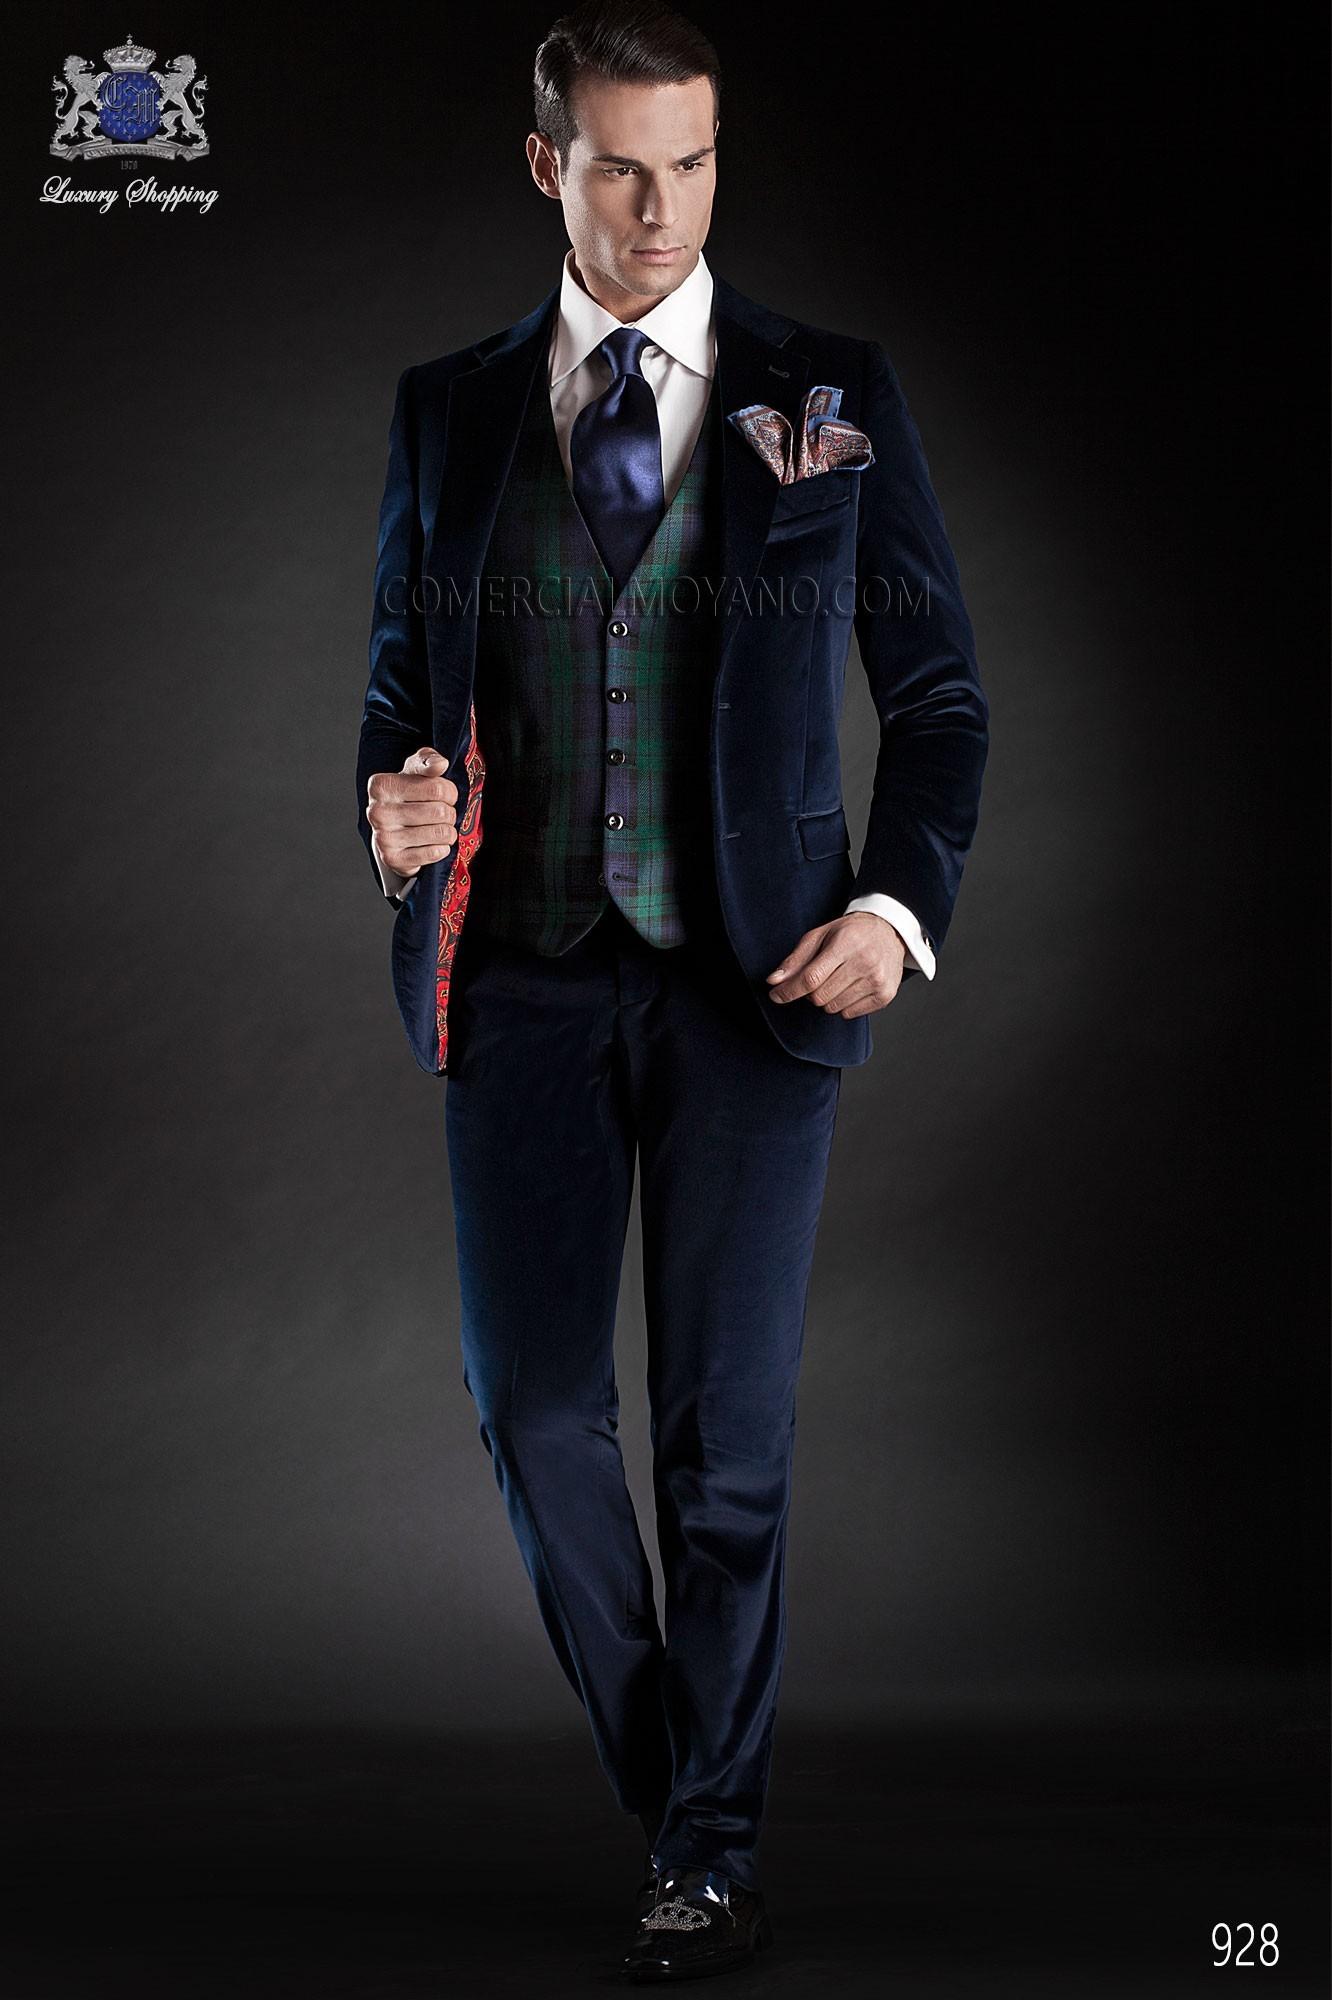 Traje de fiesta hombre azul modelo: 928 Ottavio Nuccio Gala colección Black Tie 2017